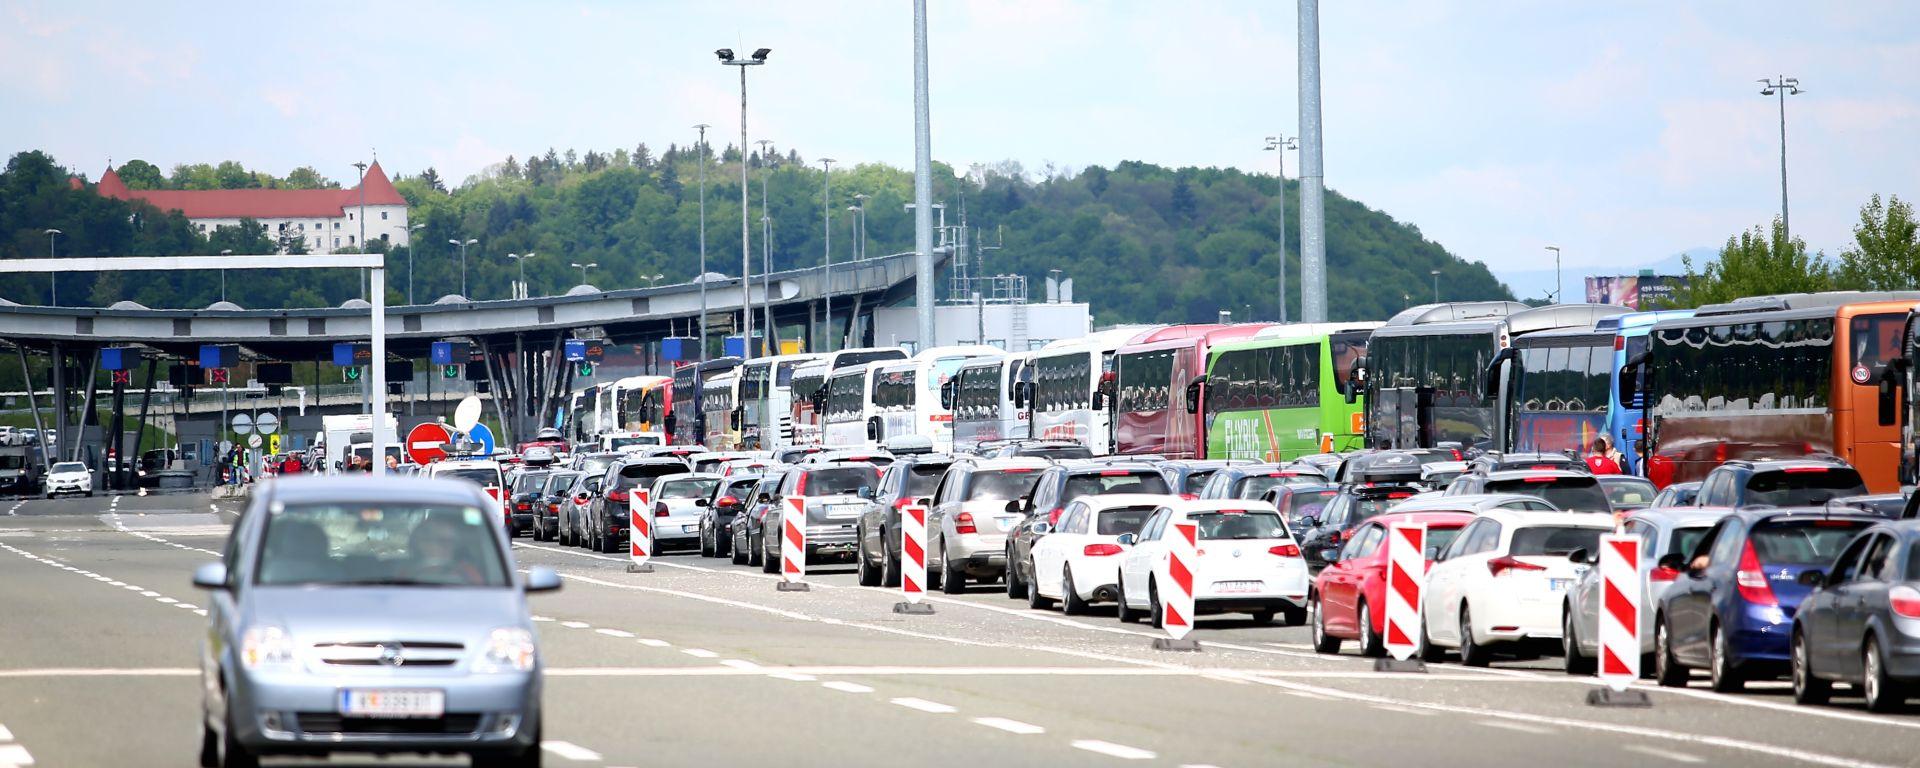 HAK Srednje gust promet, na granicama moguća čekanja oko sati vremena